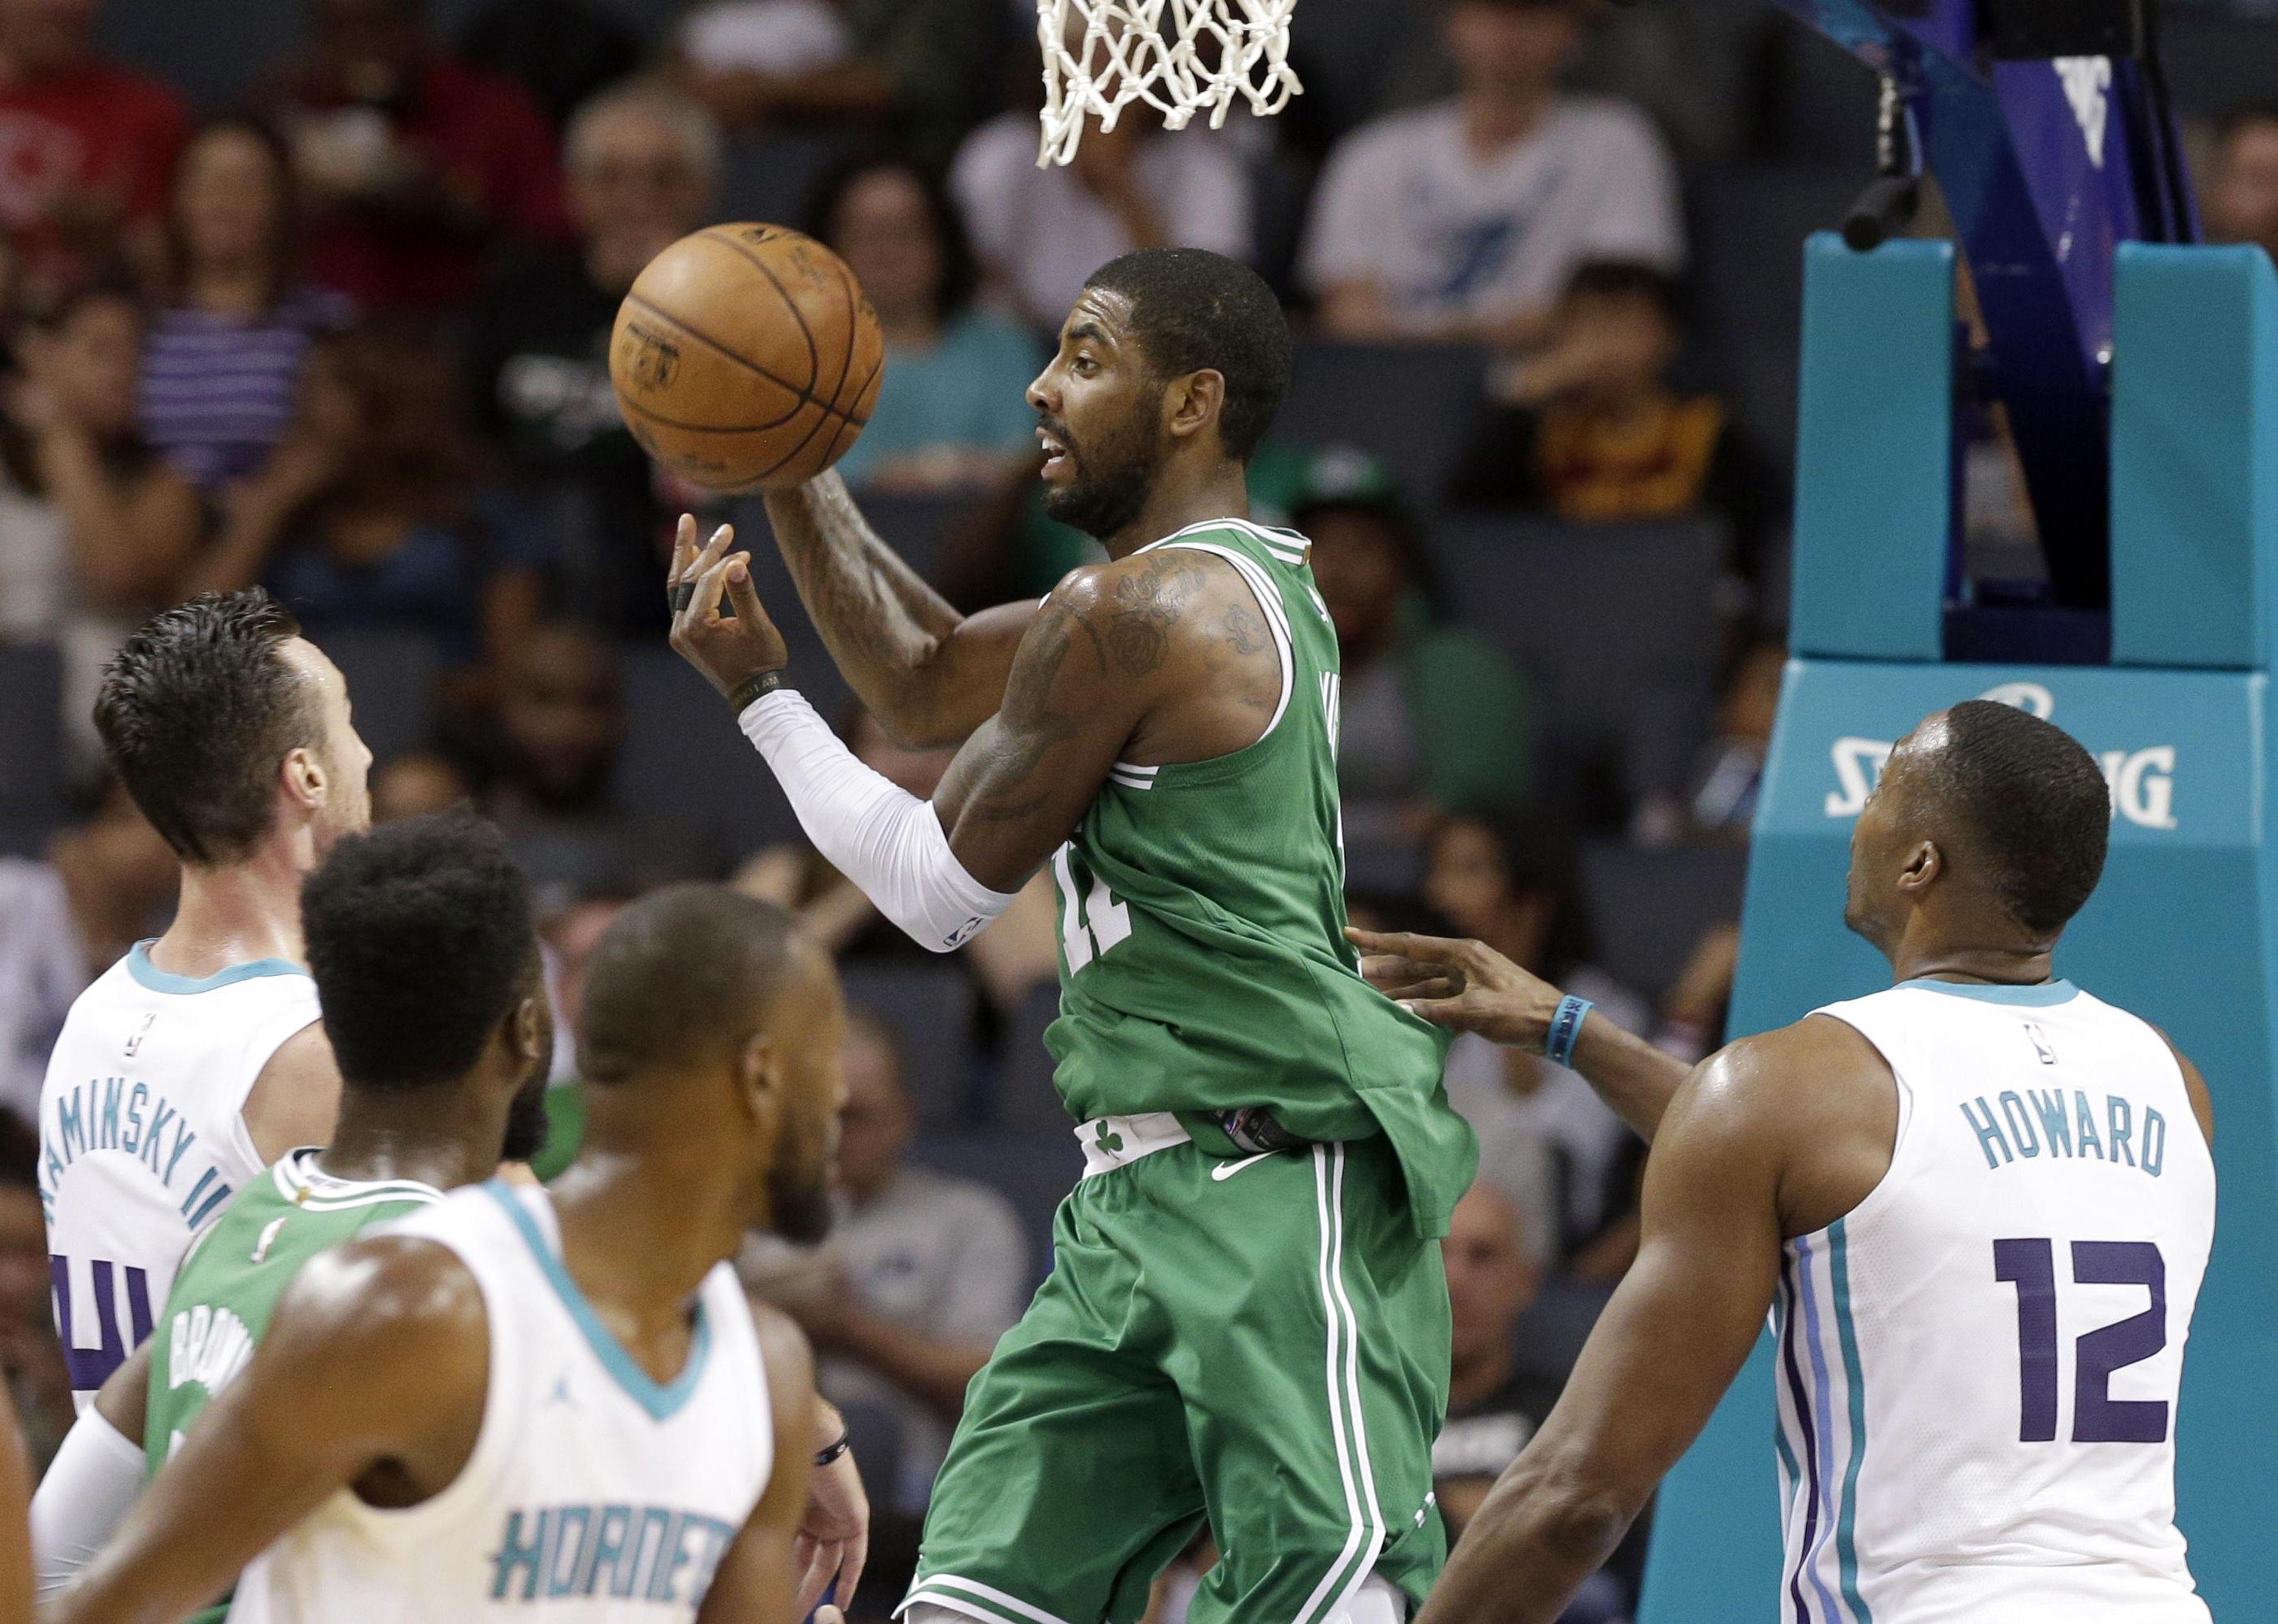 Celtics_hornets_basketball_69120_s4096x2920